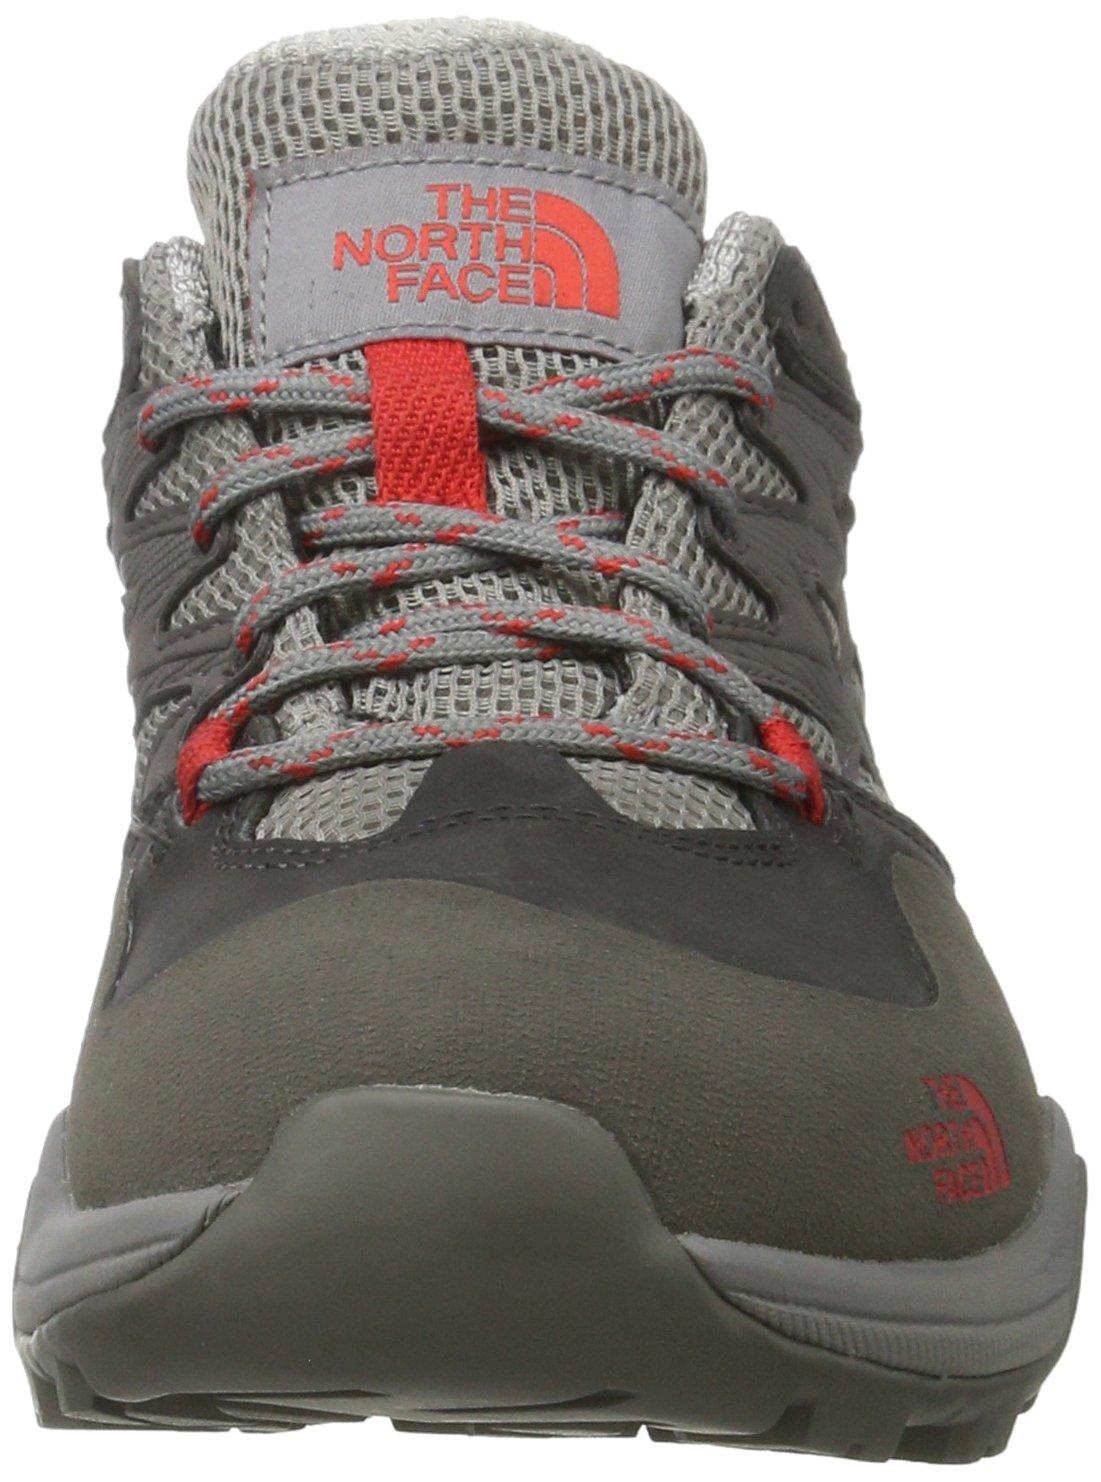 05c32983816 ... Womens The North Face Hedgehog Hike Gore B01MUH0KNW Tex Hiking  Waterproof Sneakers B01MUH0KNW Gore 7 B ...